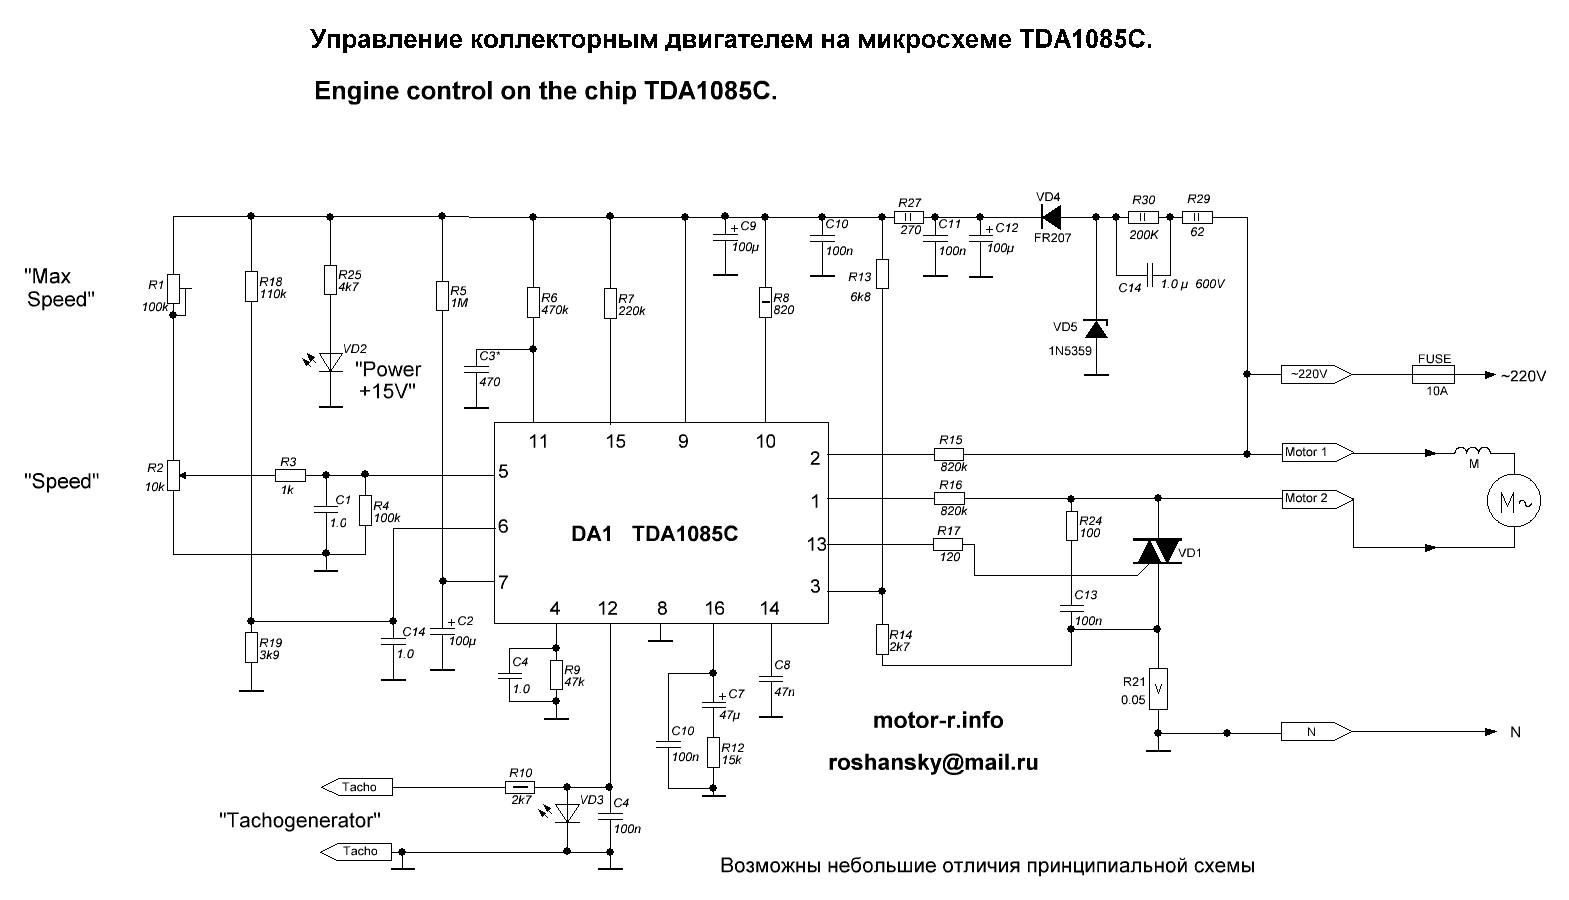 Регулятор оборотов коллекторного двигателя на tda1085 своими руками